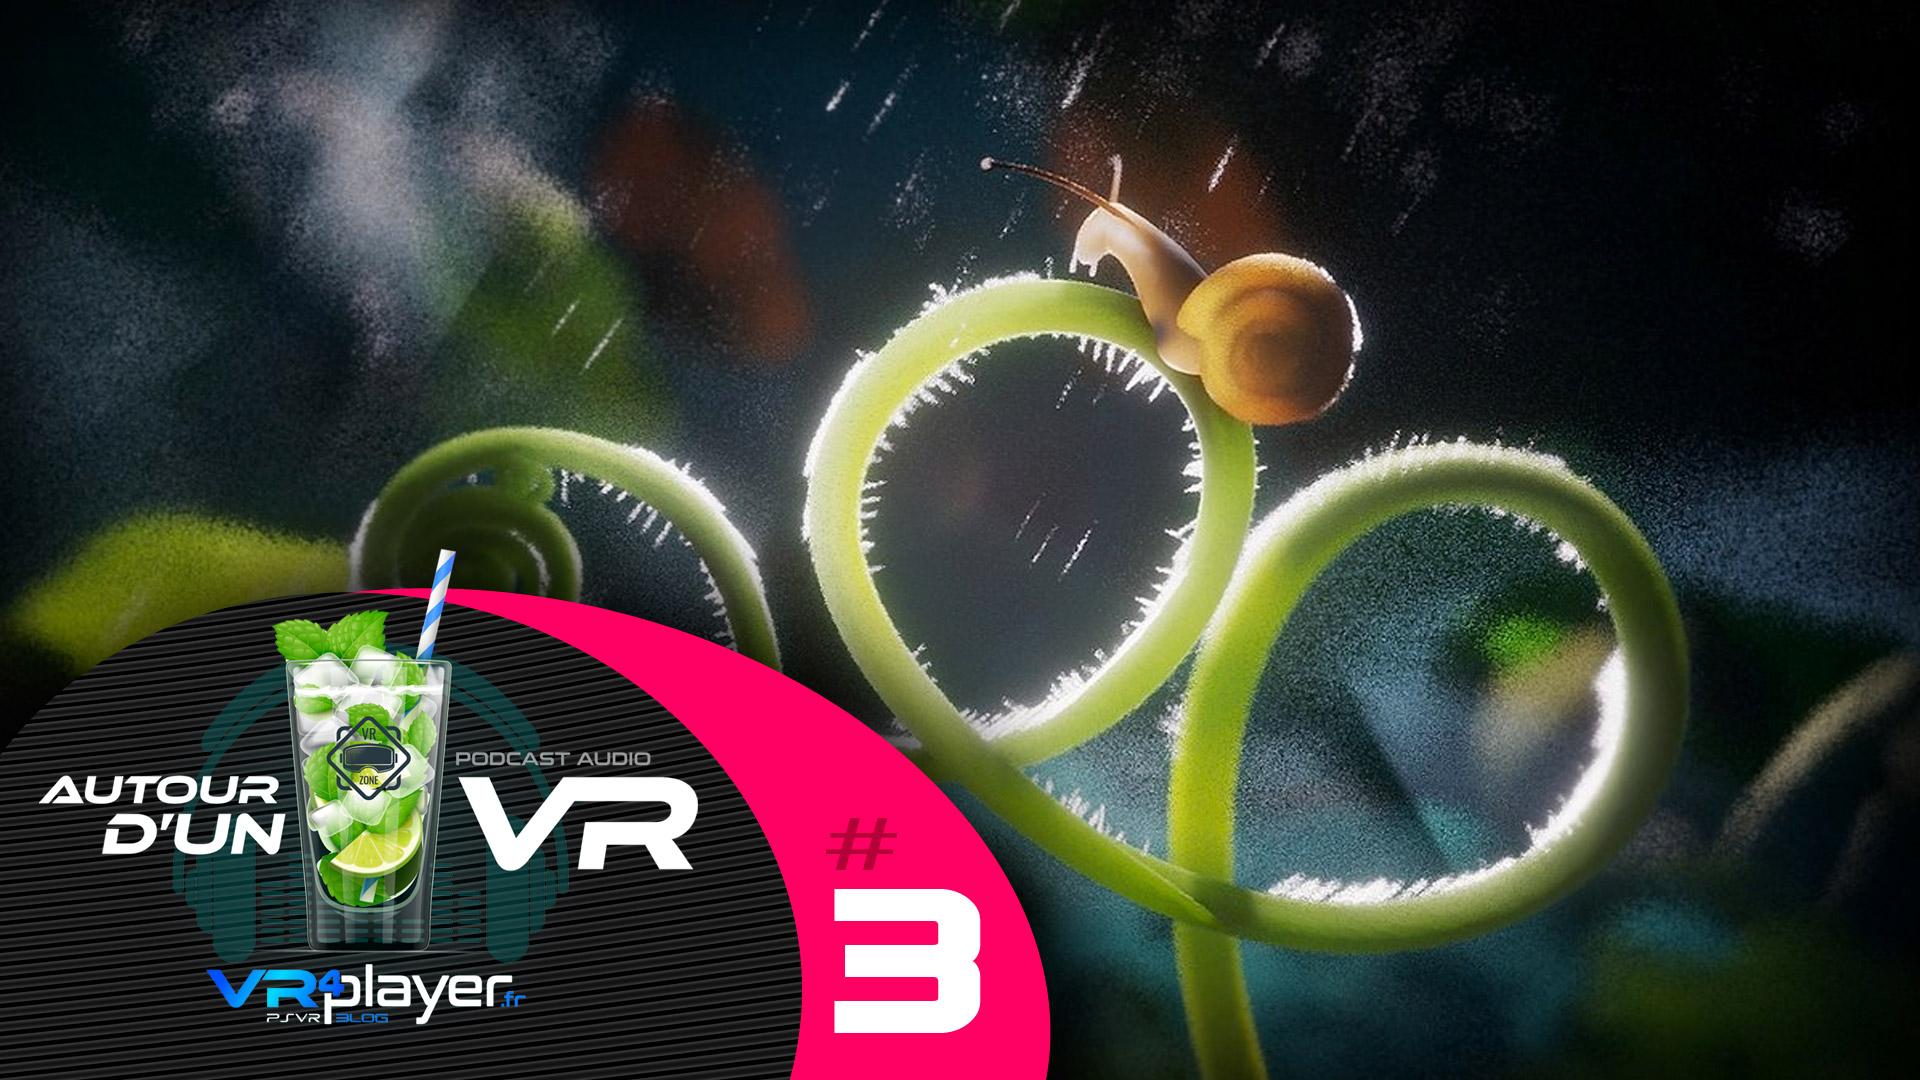 autour d'un VR 3 VR4player